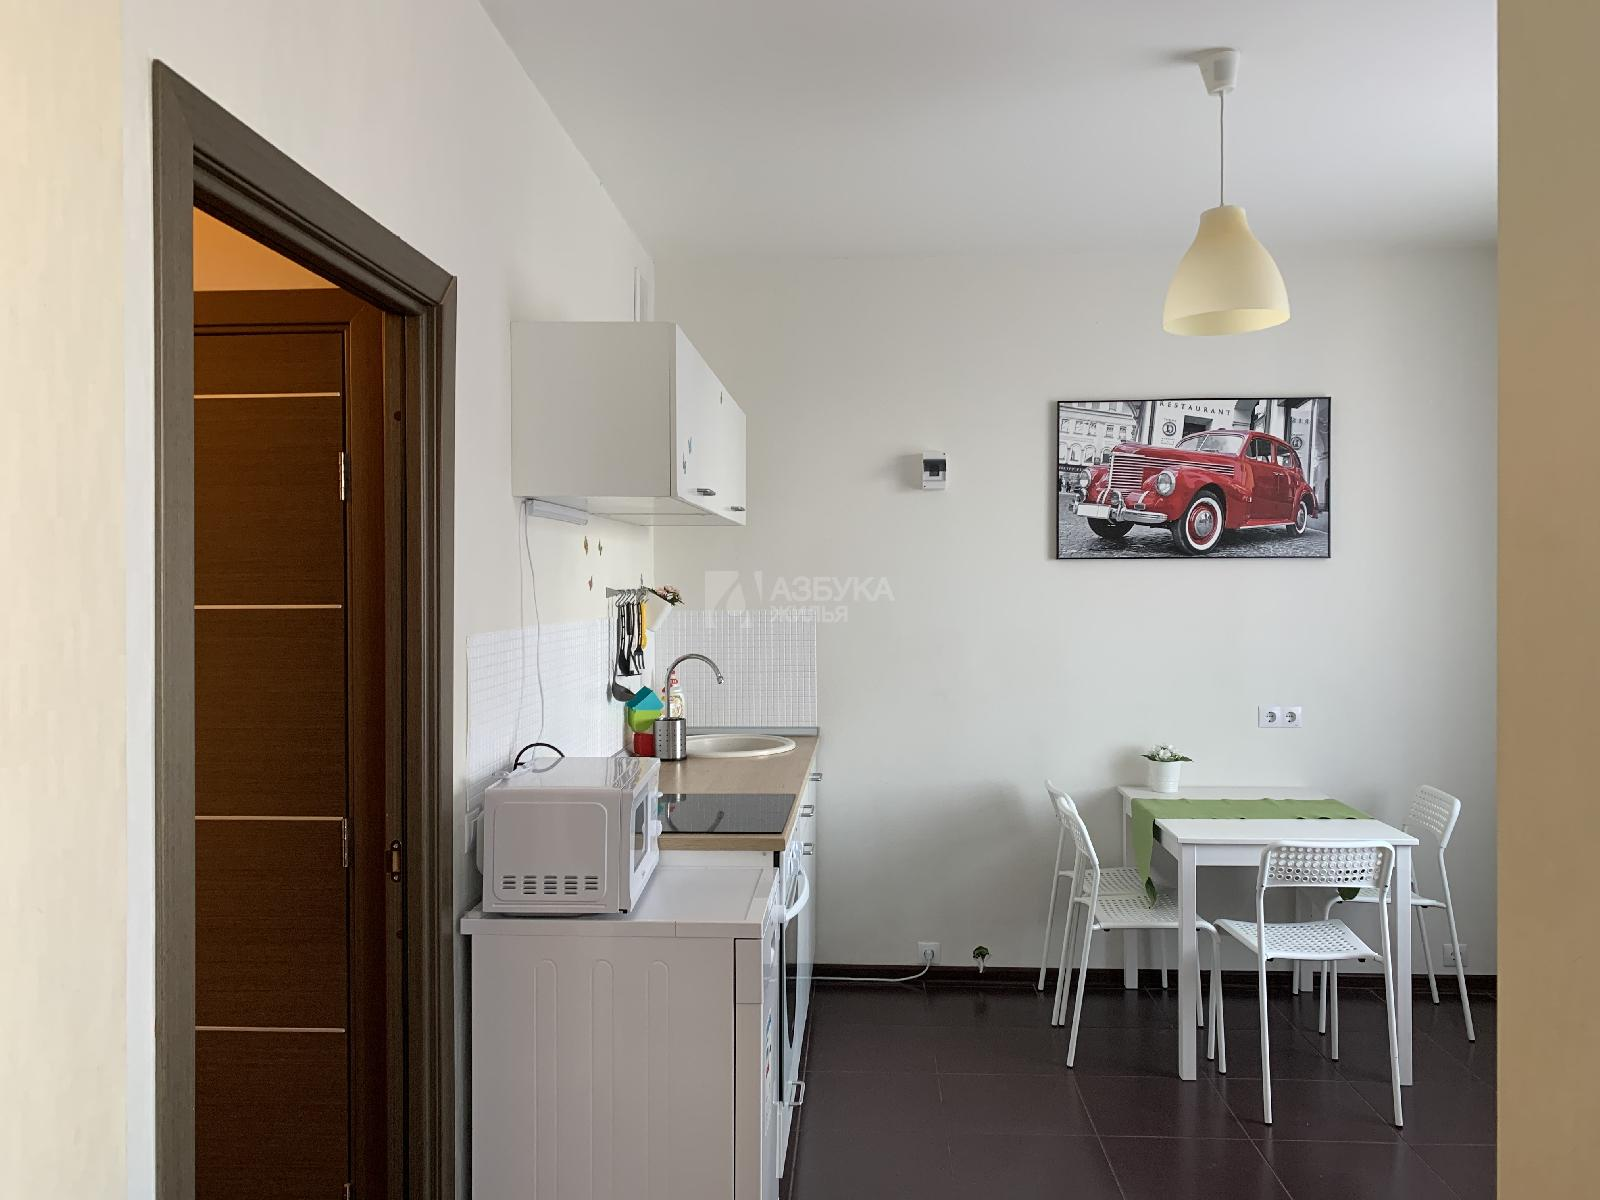 Фото №24 - 2-комнатная квартира, Москва, Митинская улица 28 корпус 2, метро Митино